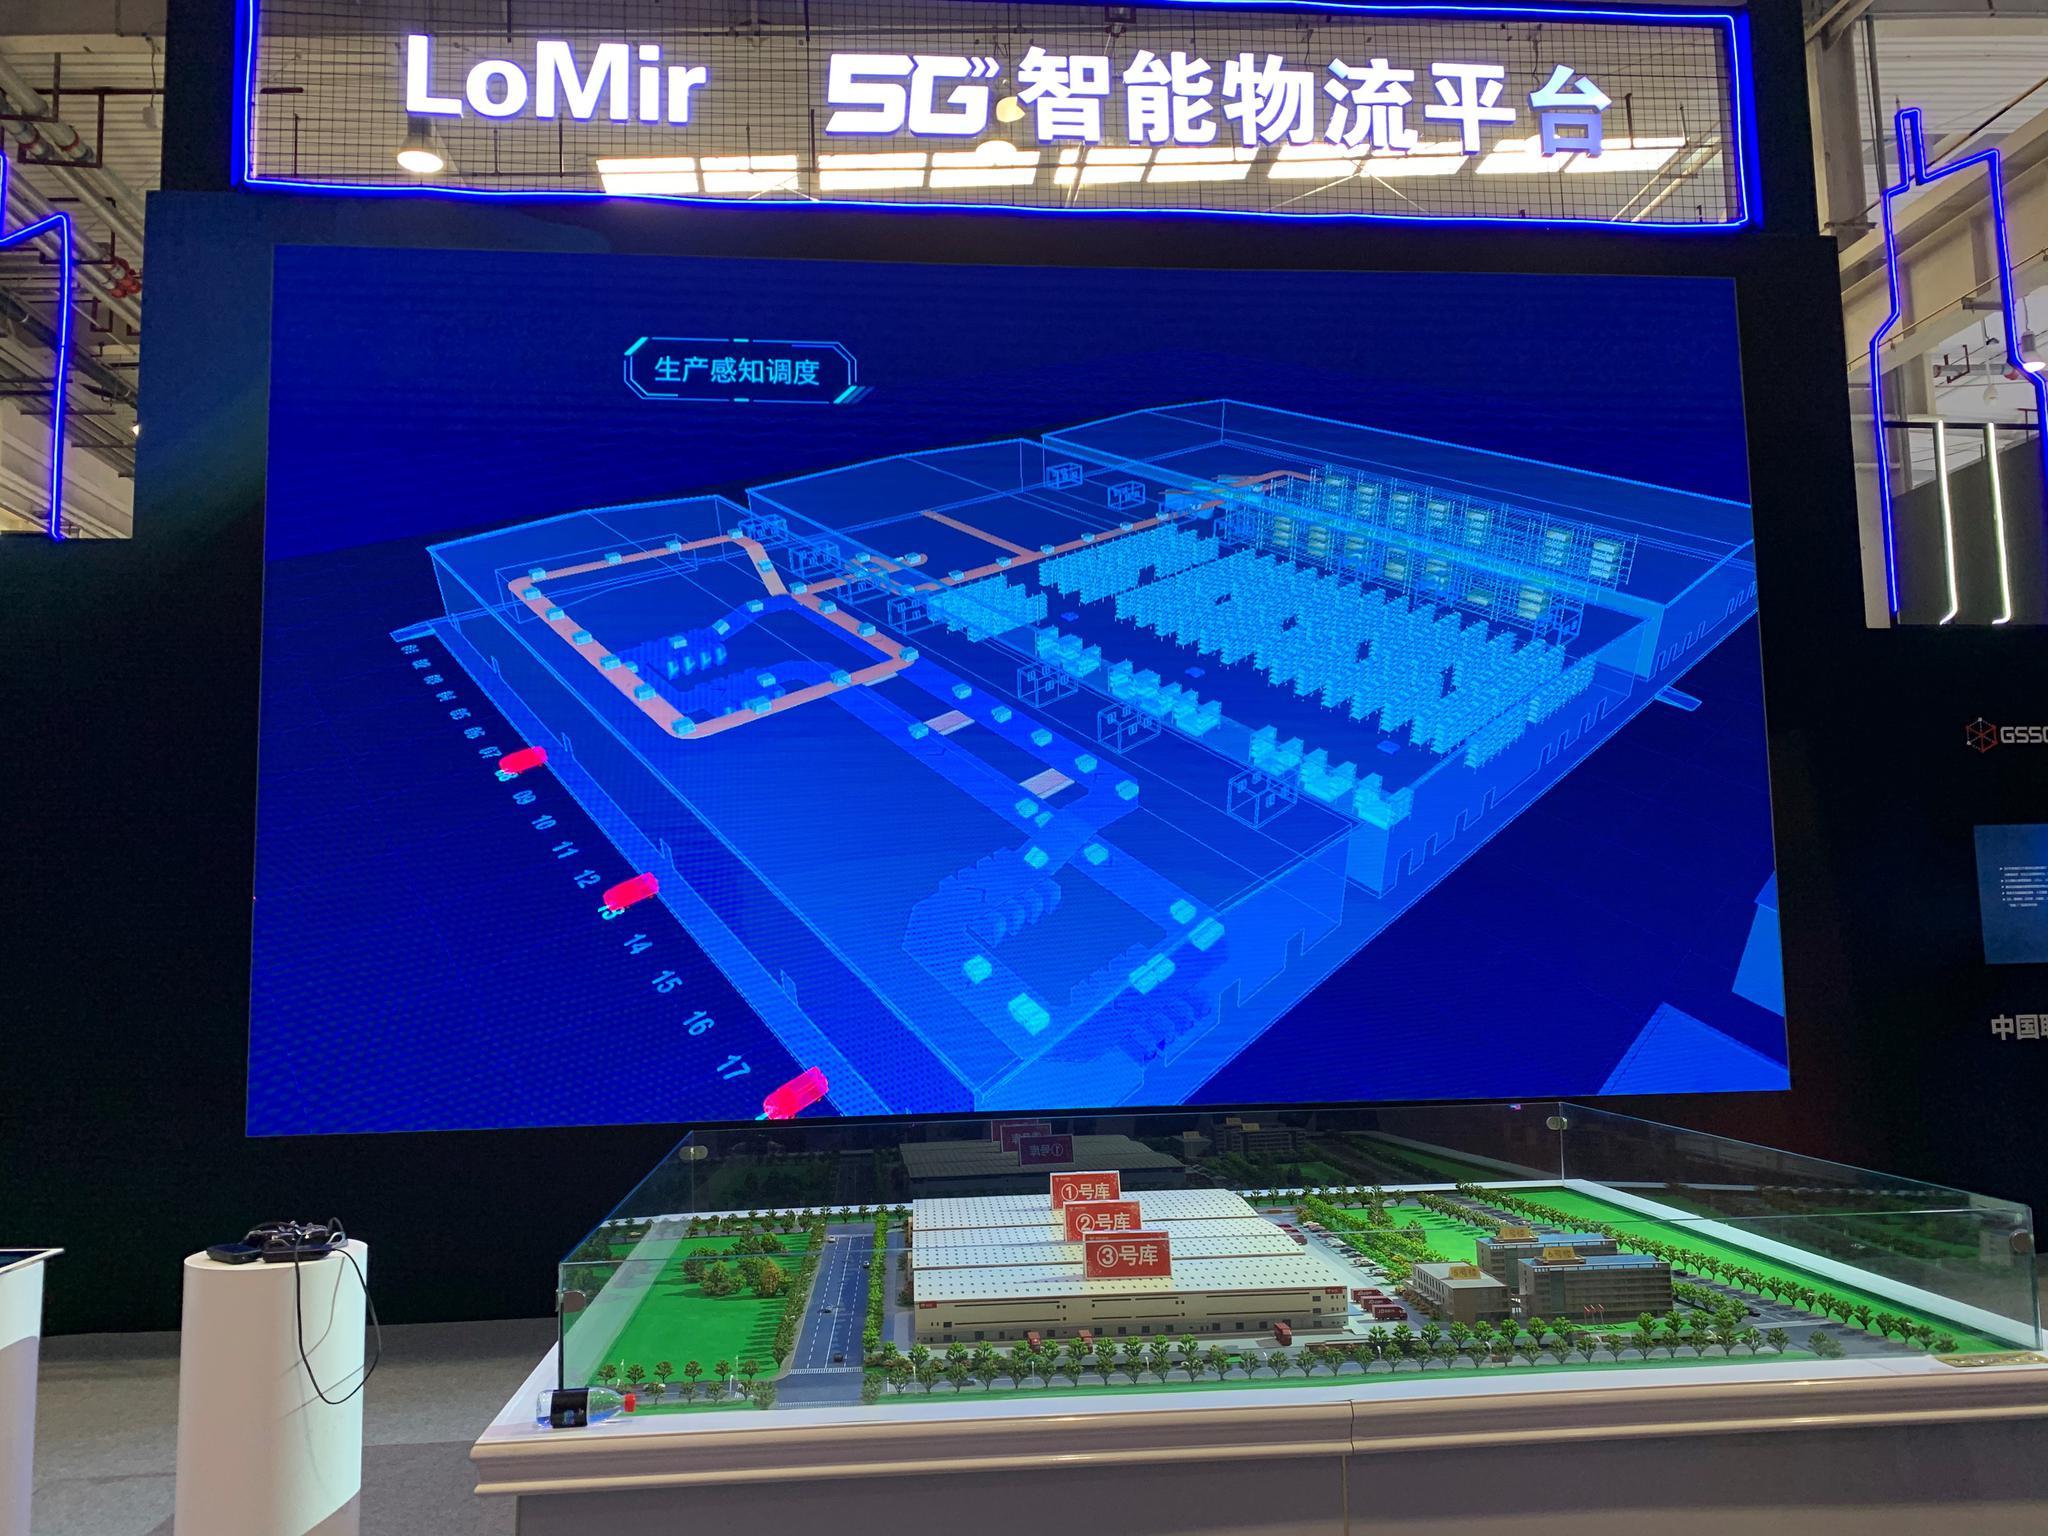 http://www.xqweigou.com/zhengceguanzhu/72569.html